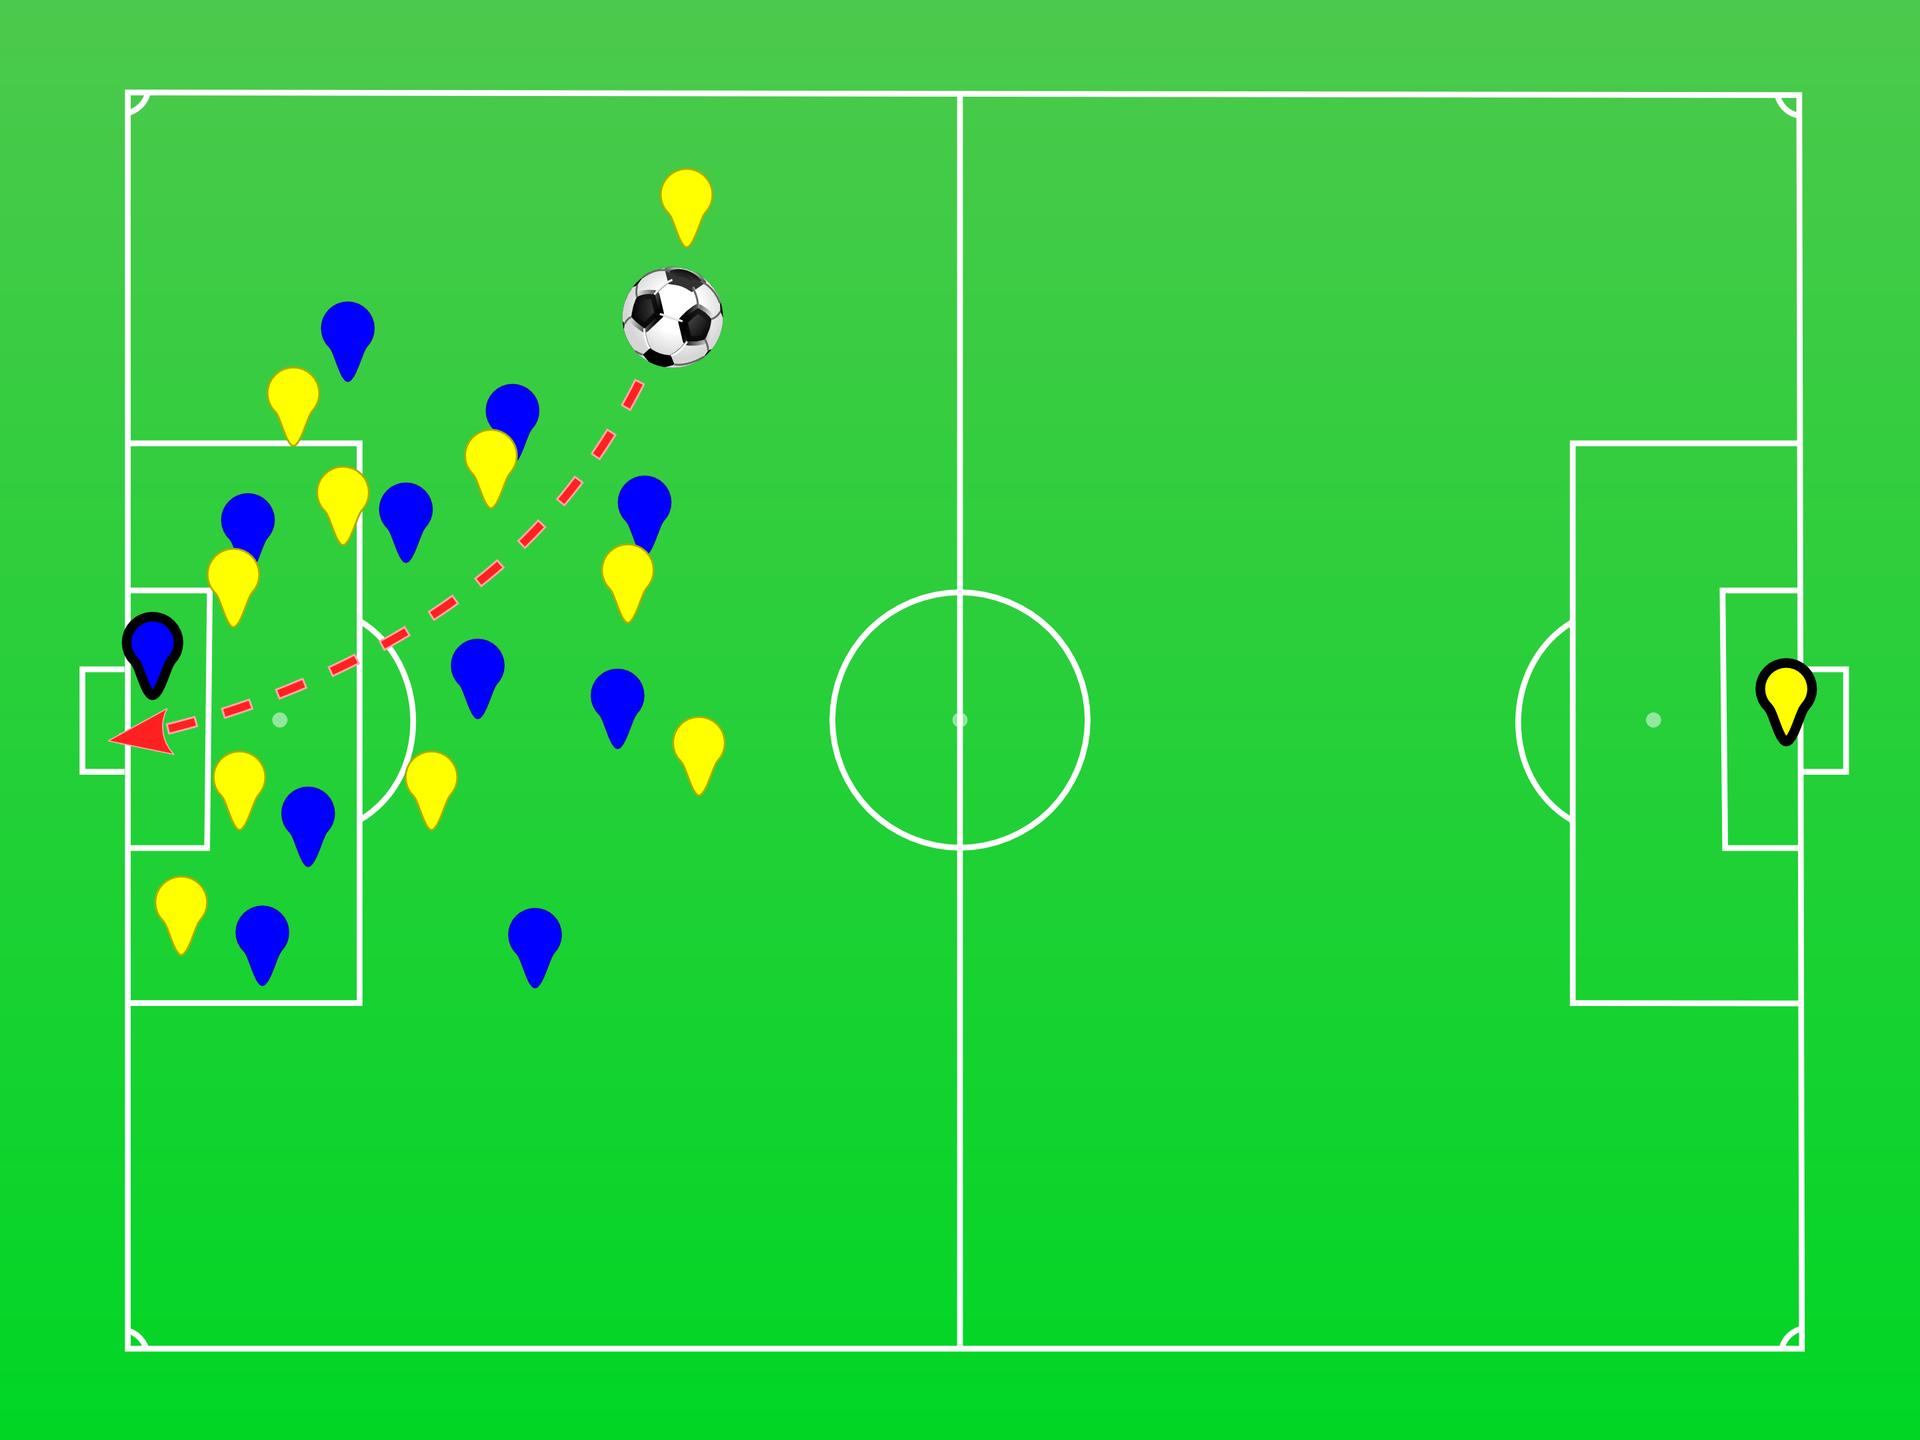 Ilustracja przedstawia boisko piłkarskie. Rzut zgóry. Na boisku znajduje się 11 żółtych i11 niebieskich punktów. Prawie wszystkie zgromadzone na lewej połowie boiska. Jeden żółty punkt znajduje się przy prawej bramce. Żółty punkt, od którego biegnie strzałka, znajduje, się najwyżej ze wszystkich punktów, blisko liczni bocznej lewej strony boiska. Bliżej środka boiska niż krótszej, lewej linii. Strzałka czerwona, przerywana, poprowadzona od punktu do bramki. Linia krzywa. Grot skierowana ku bramce.